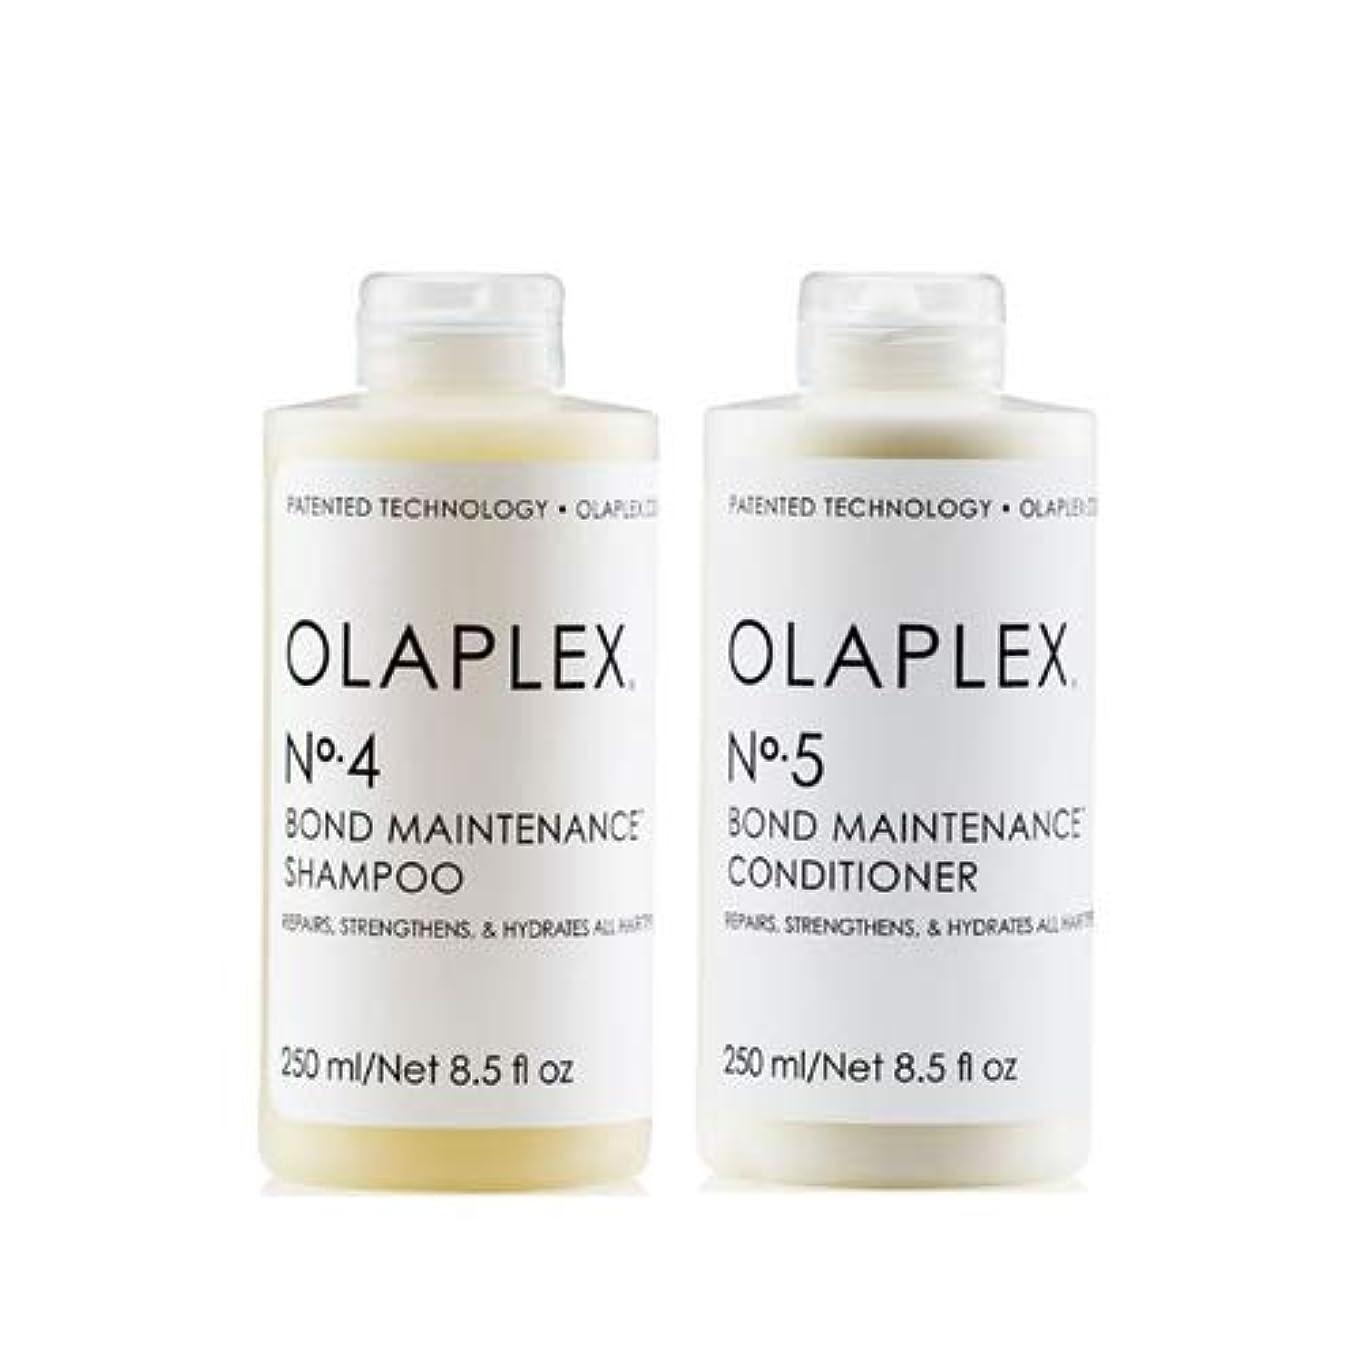 食べるマウントなくなるOlaplex オラプレックス No. 4 5 ボンド メンテナンス シャンプー&コンディショナー Olaplex Bond Maintenance Shampoo & Conditioner 【並行輸入品】